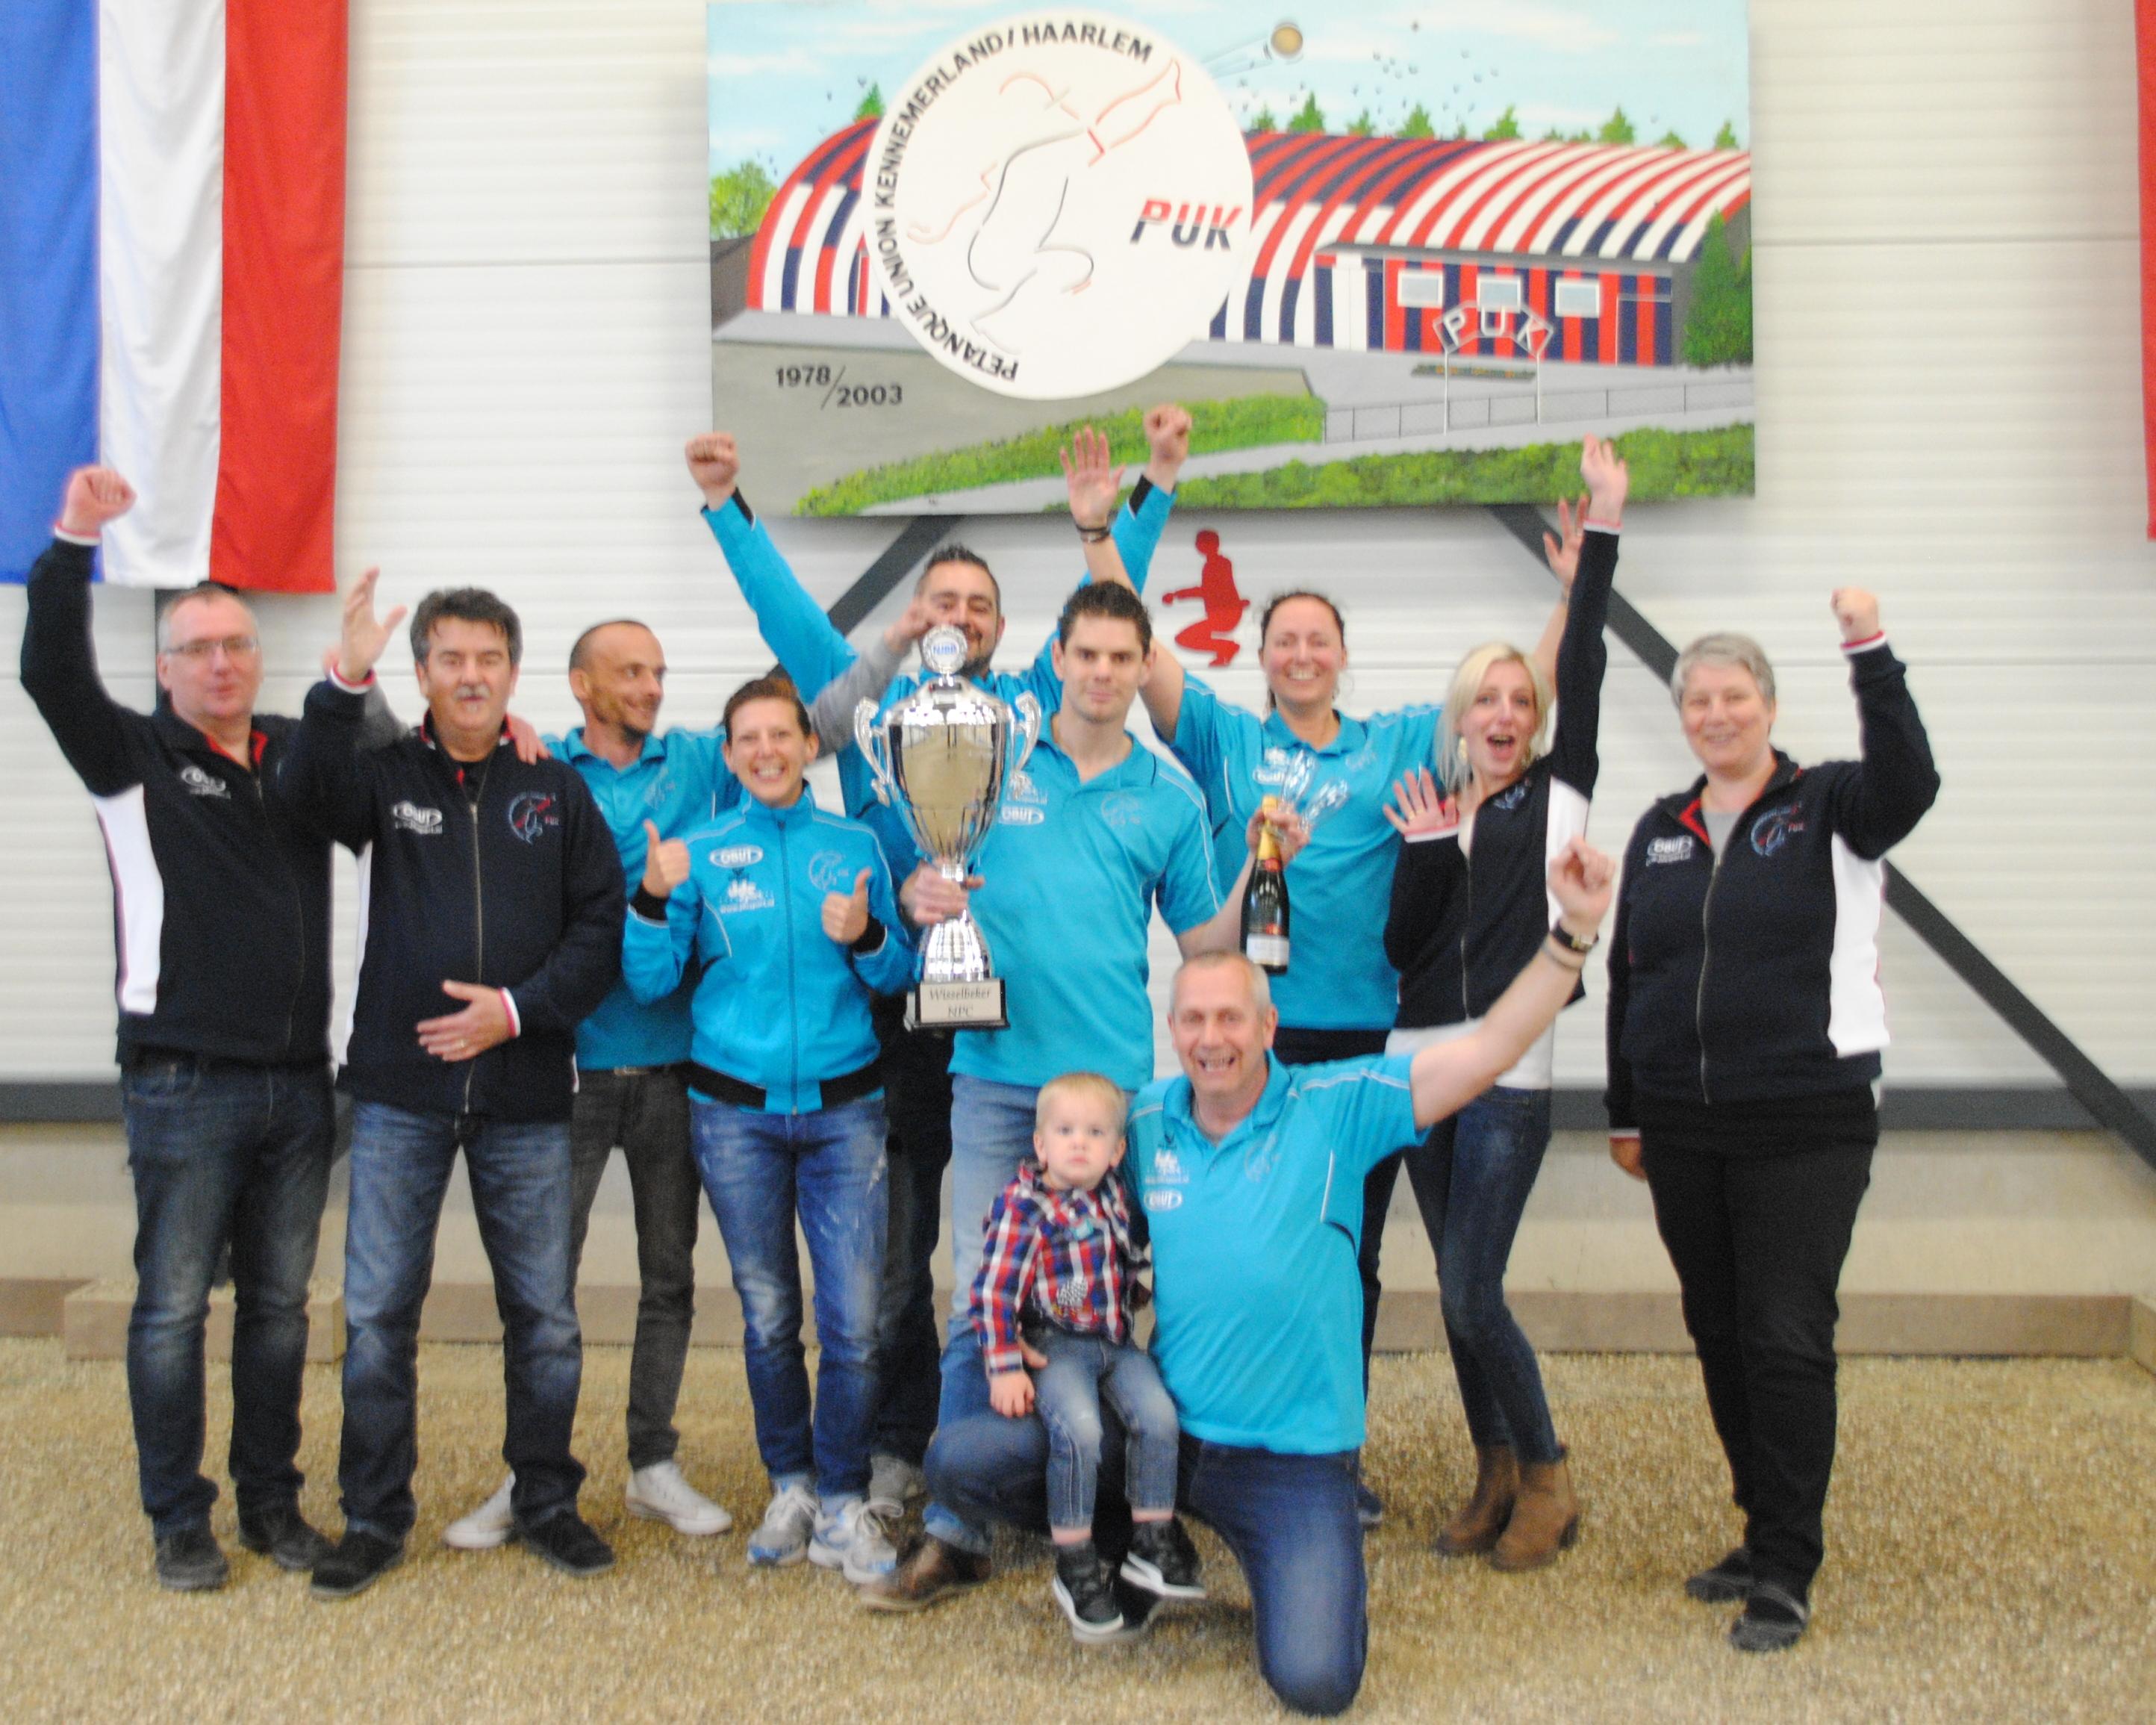 PUK Haarlem kampioen NPC